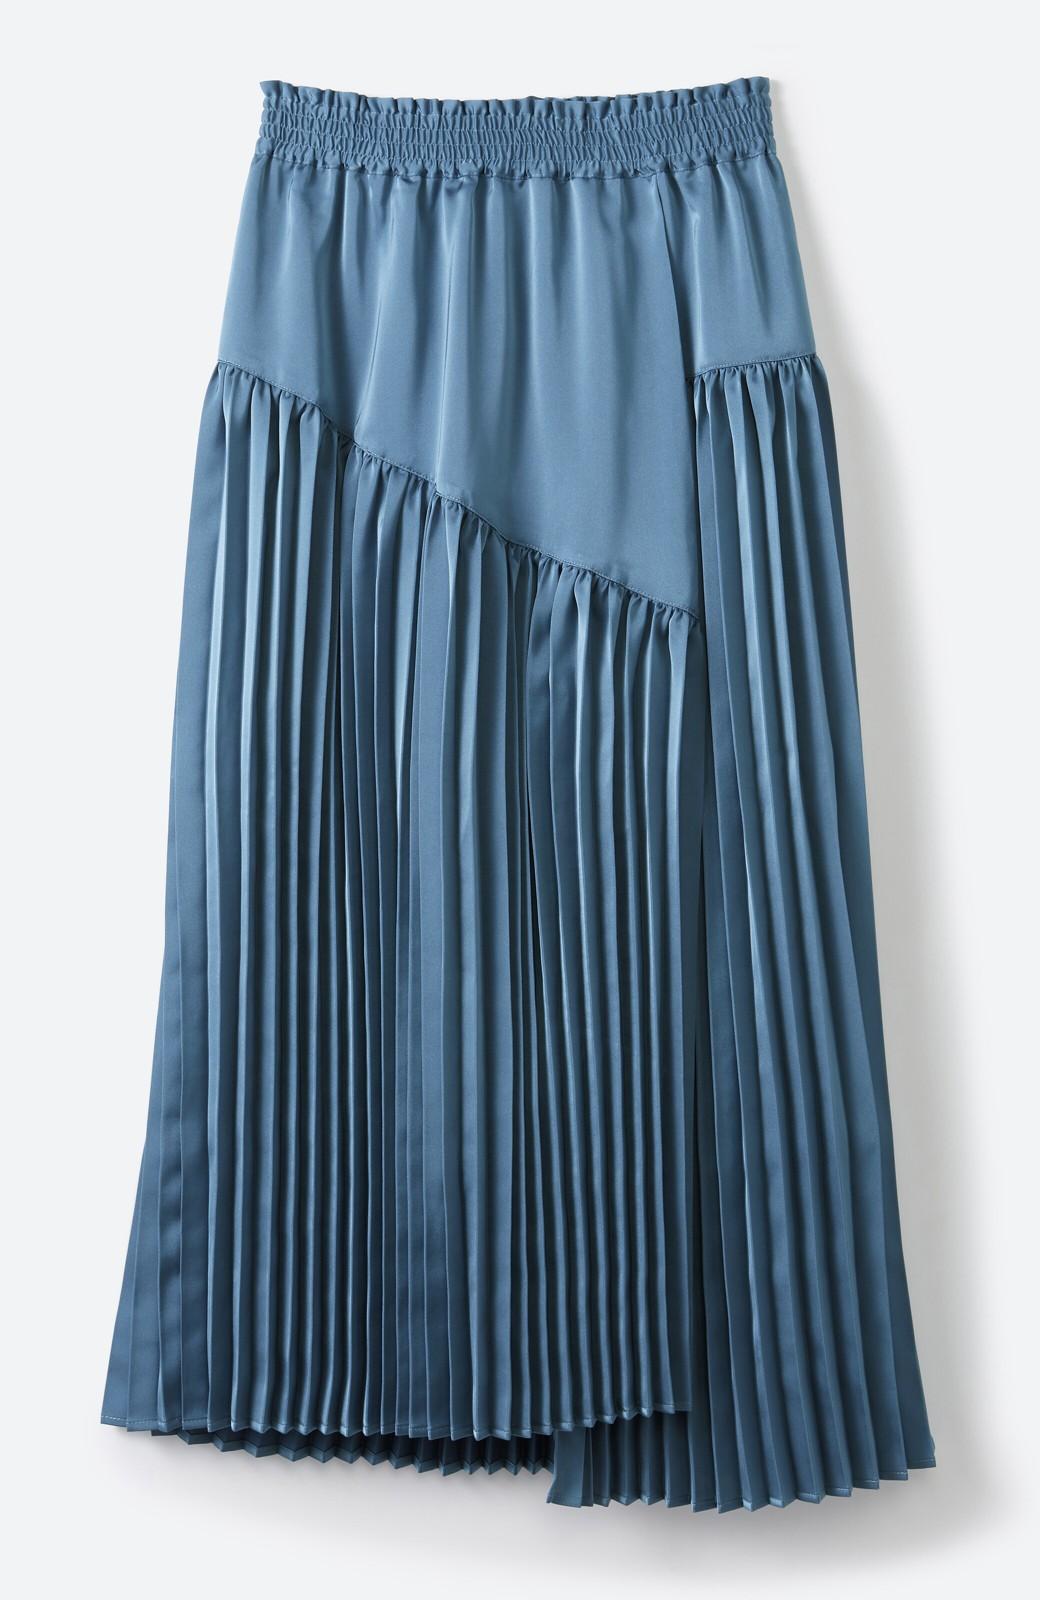 haco! 【スザンヌさんコラボ】スウェットもTシャツも着映えさせる!ラップデザイン風アシンメトリーサテンプリーツスカート by LOVE&PEACE PROJECT <ブルー>の商品写真3